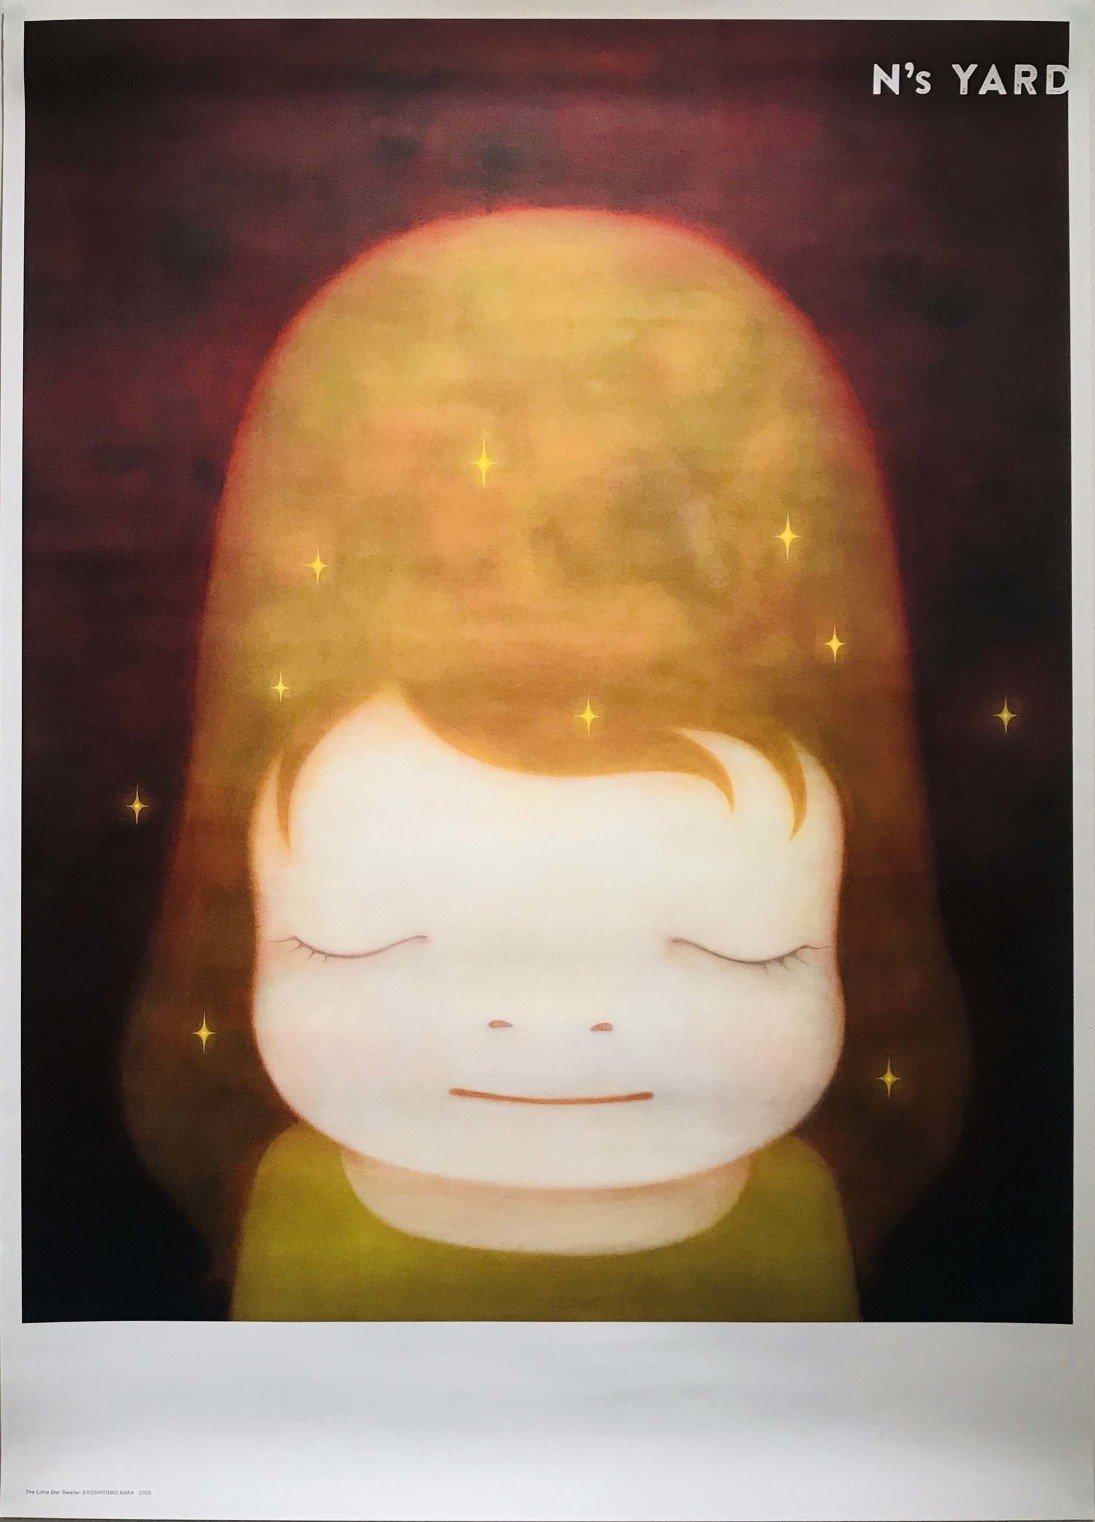 The Little Star Dweller 72.8 x 51.5 cm